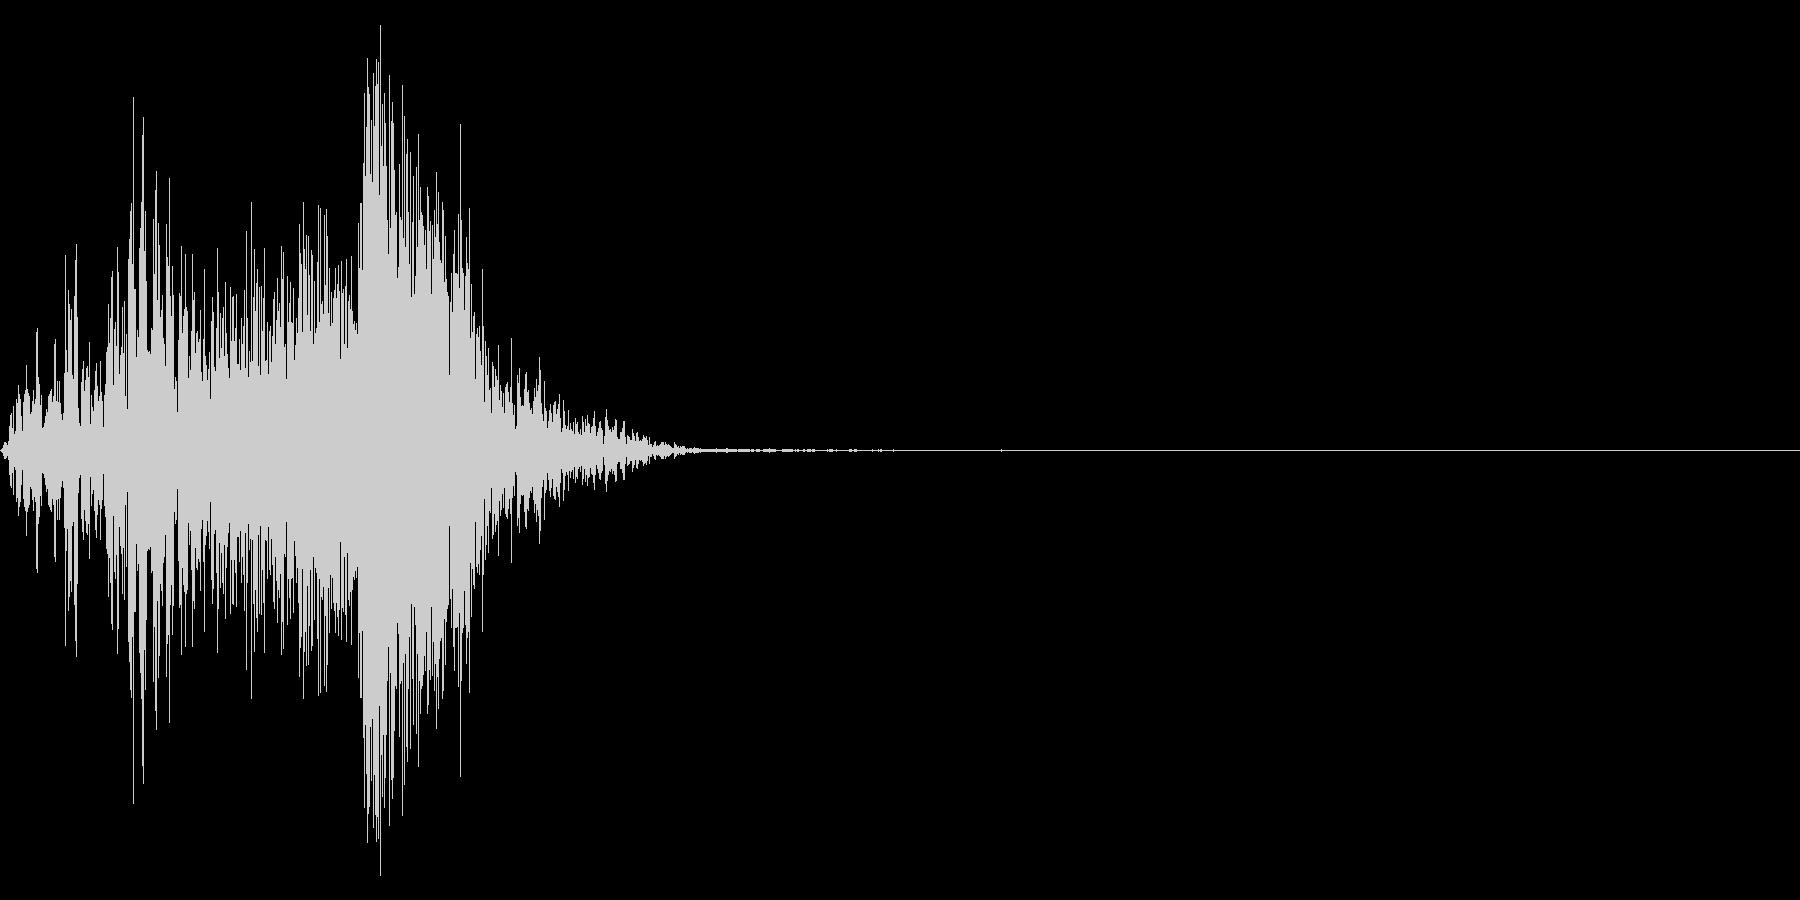 ジッパー、ファスナーを閉じる音1-1の未再生の波形